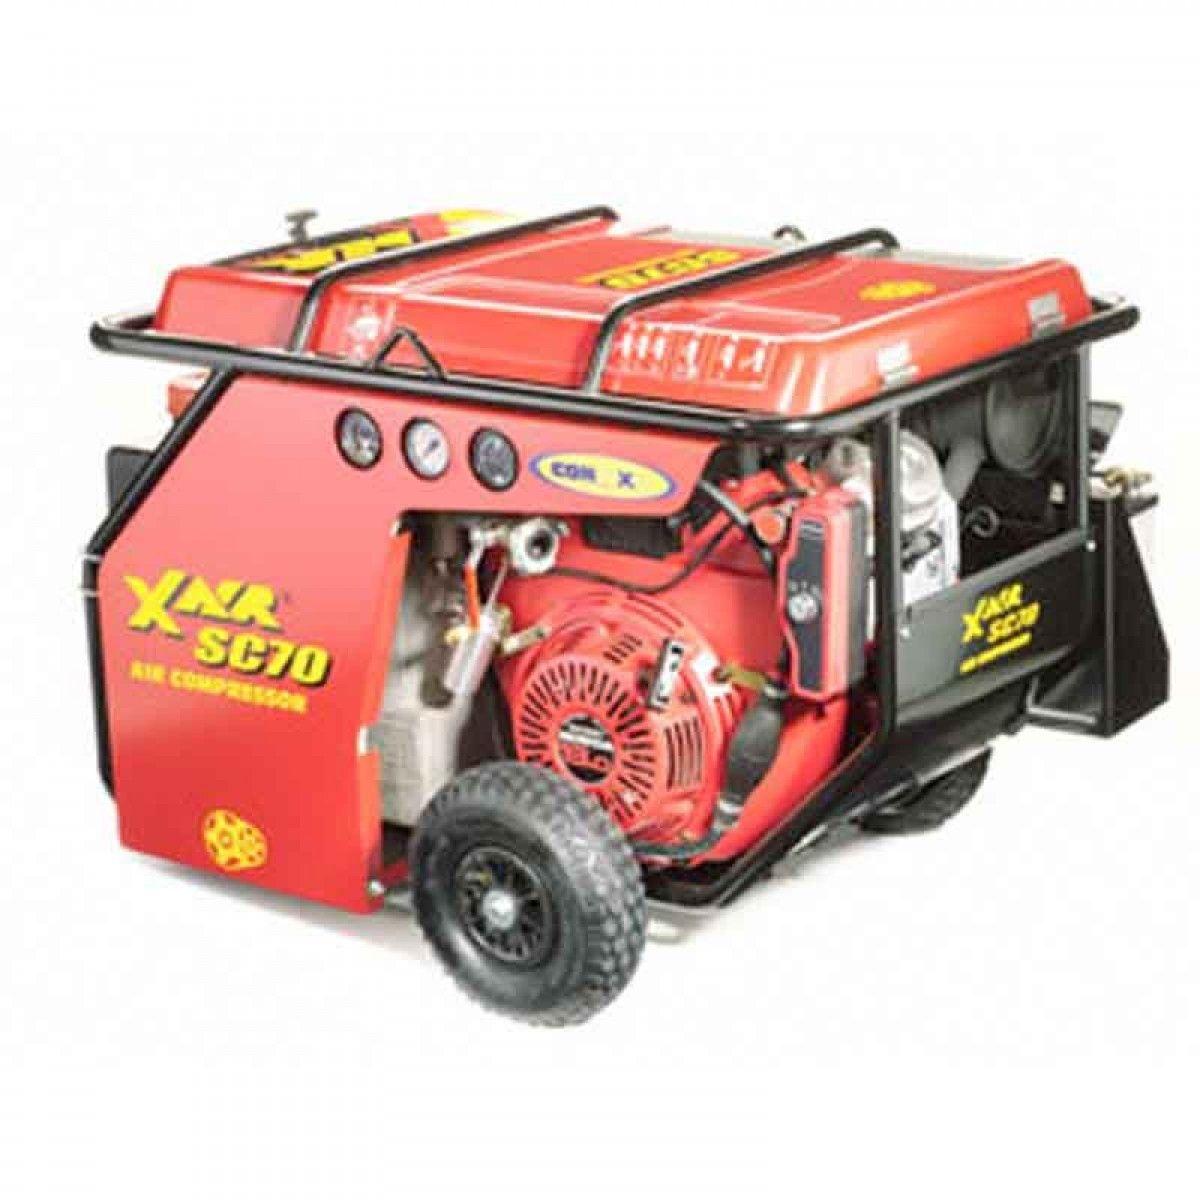 70 CFM Honda Air Compressor SC70 by Con X Equipment Air